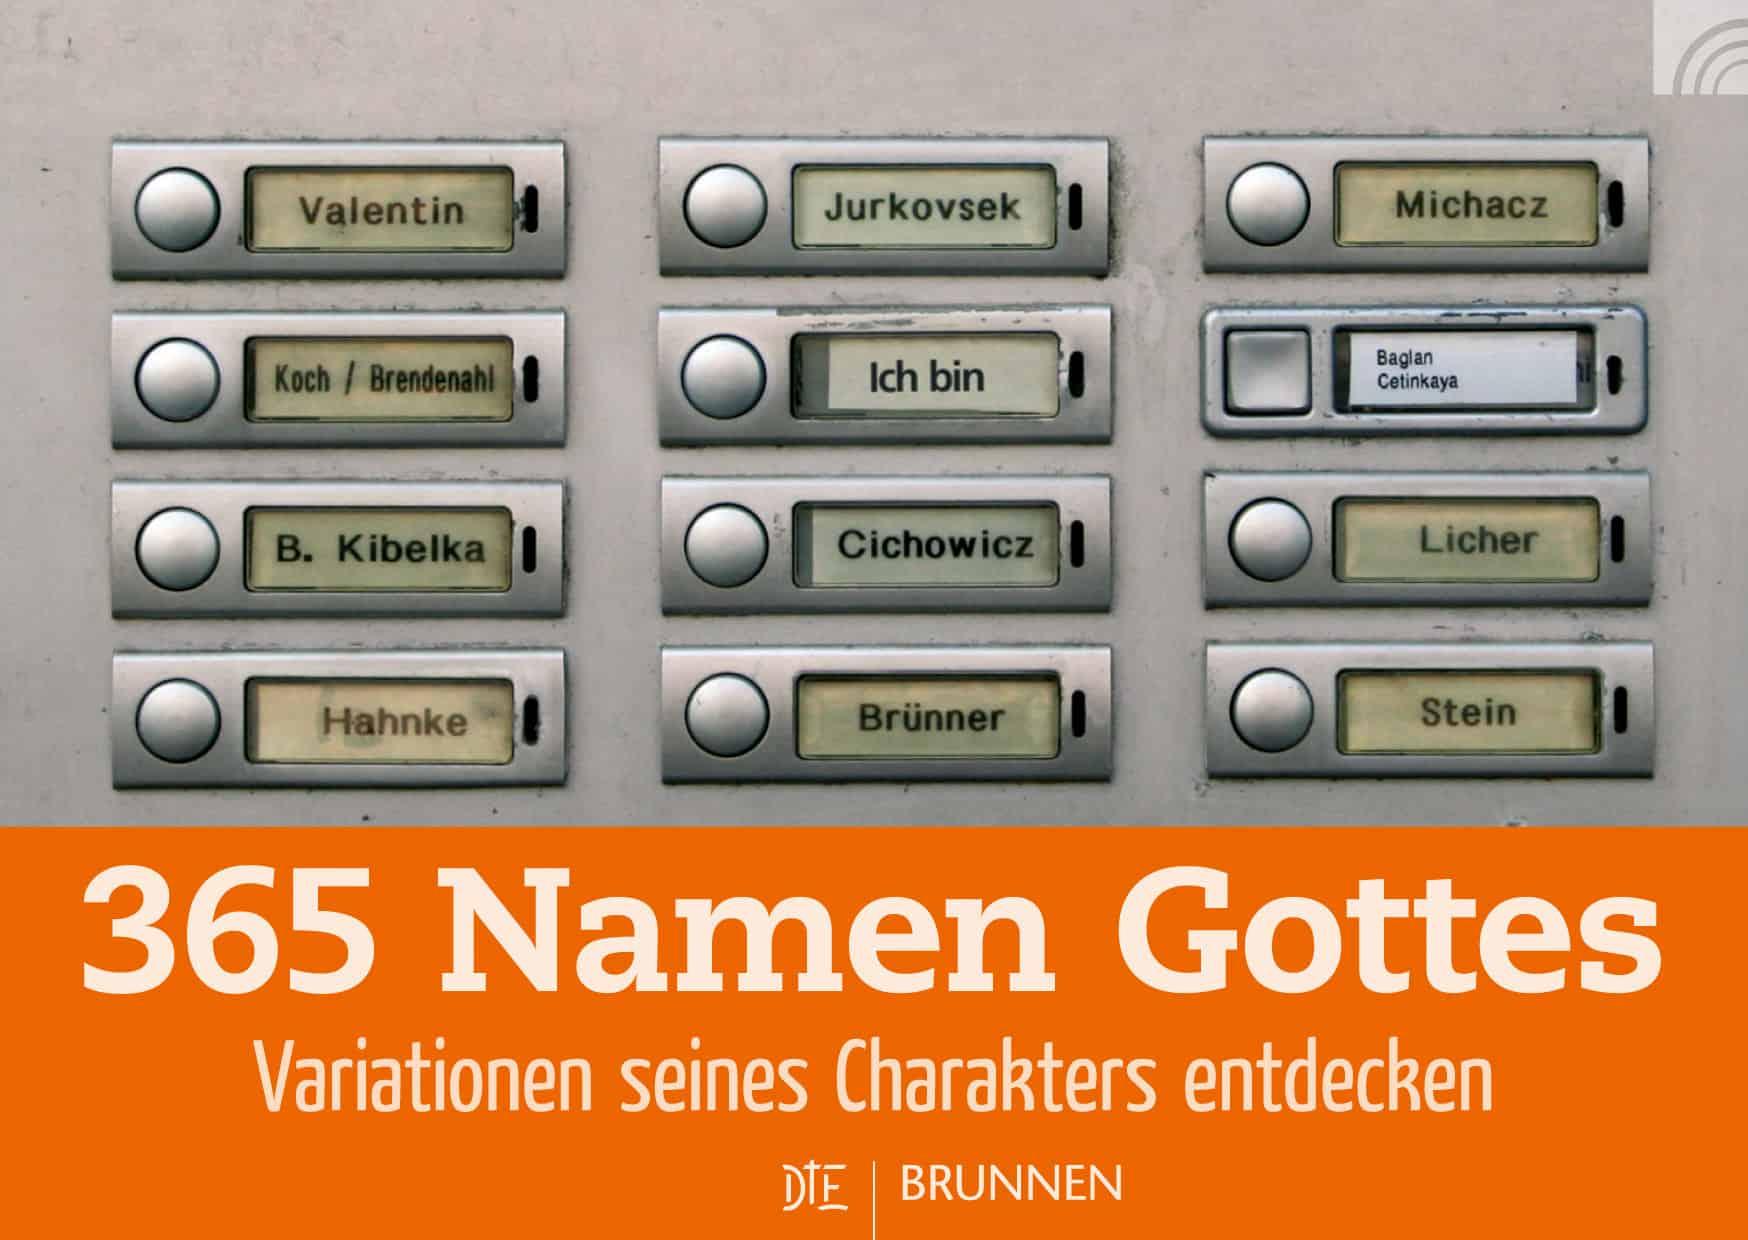 365 Namen Gottes. Kalender, der inspiriert, Gott tiefer zu entdecken und mehr zu lieben